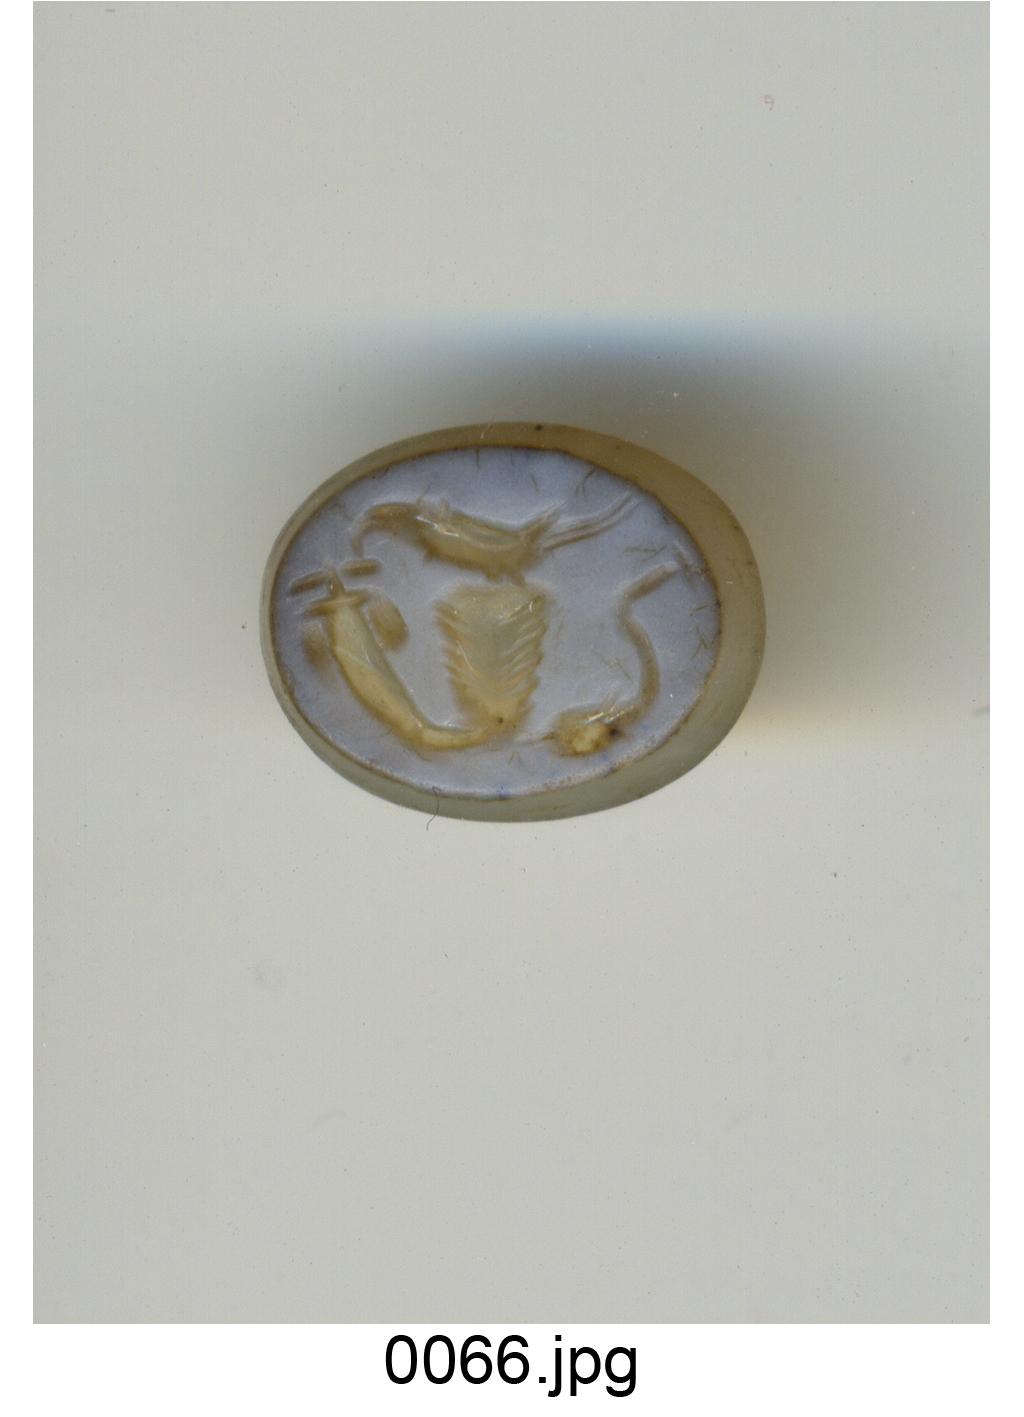 pappagallo sopra un cesto, ai lati cornucopia e delfino (?) (gemma) - produzione romana (sec. I)